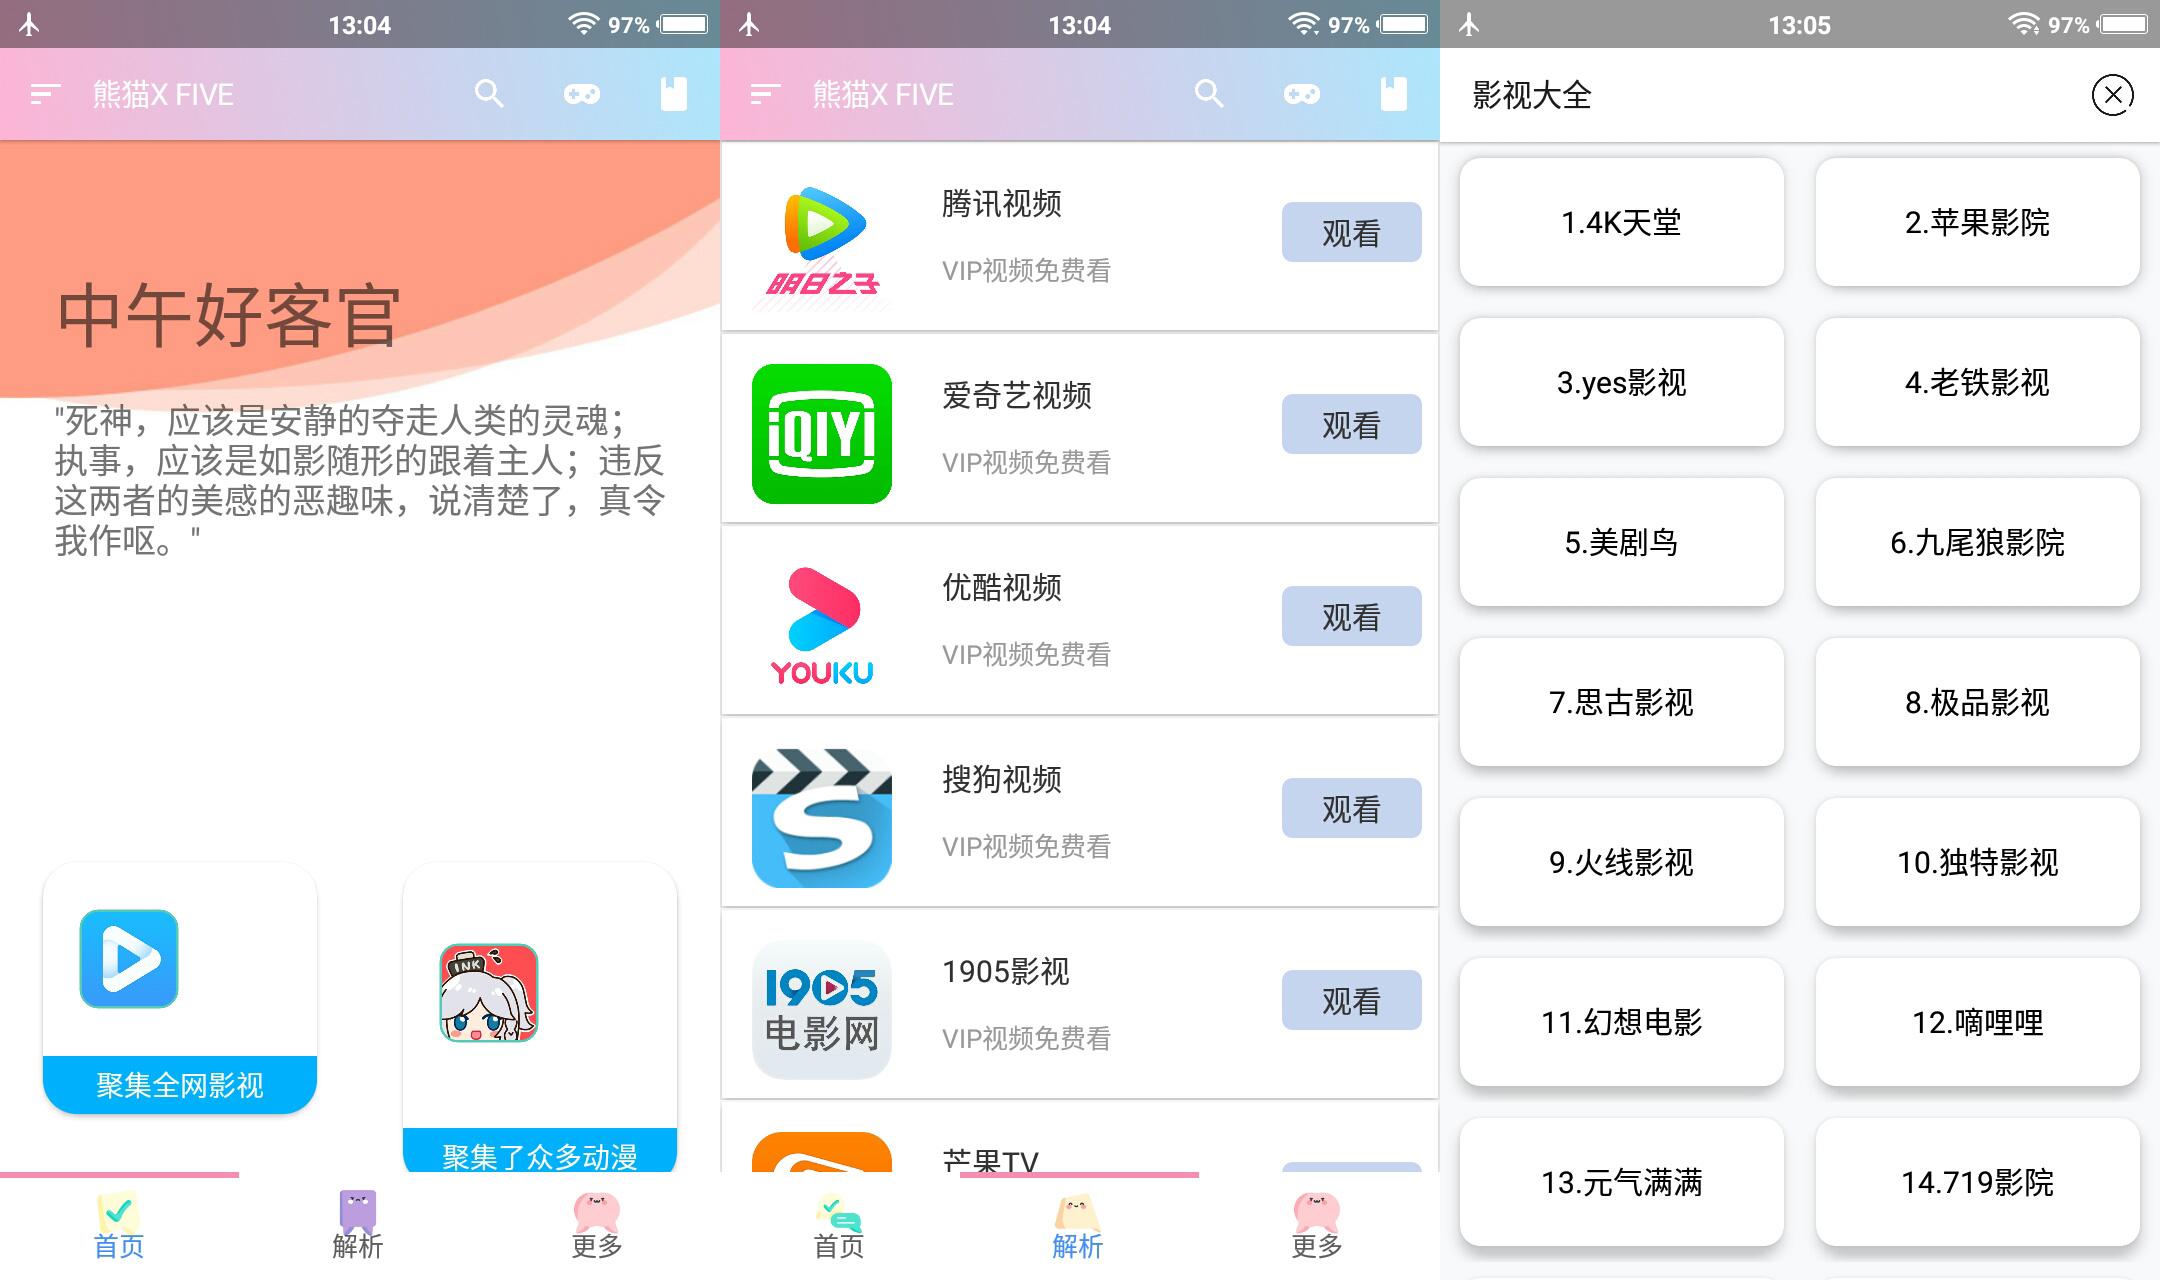 熊猫X FIVE_v3.0.804 免费影视动漫等